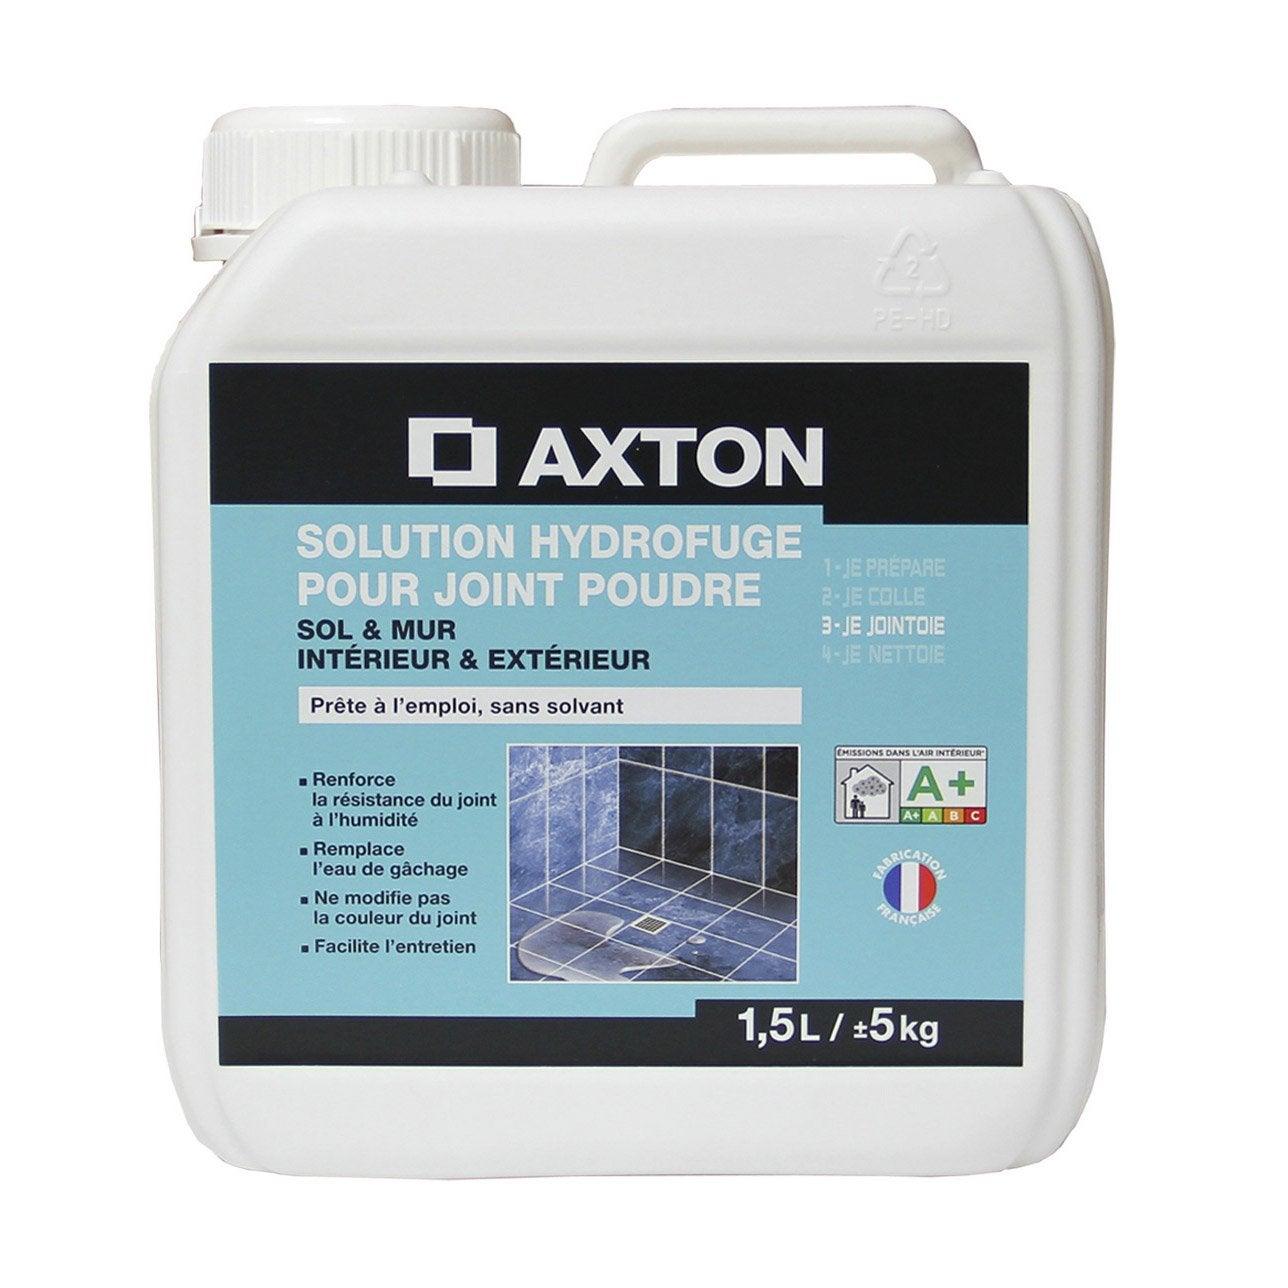 Solution hydrofuge tout type de carrelage et mosaïque AXTON, incolore, 19,19 l